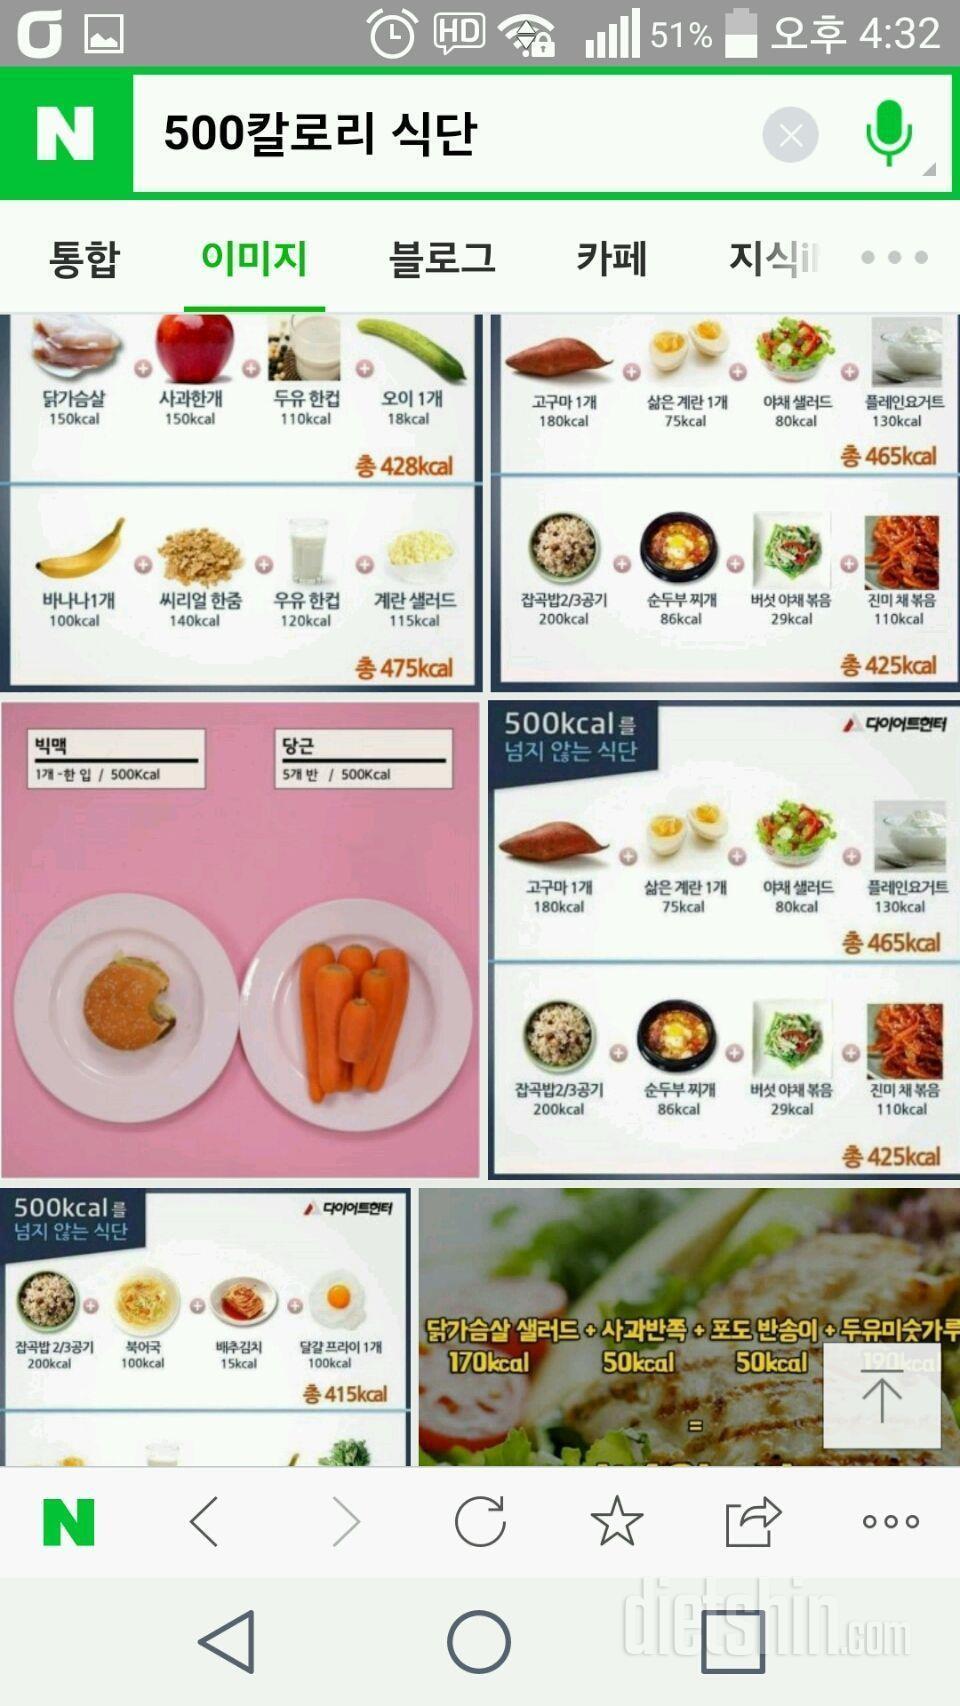 나만의 다이어트 동기부여14가지방법 👍